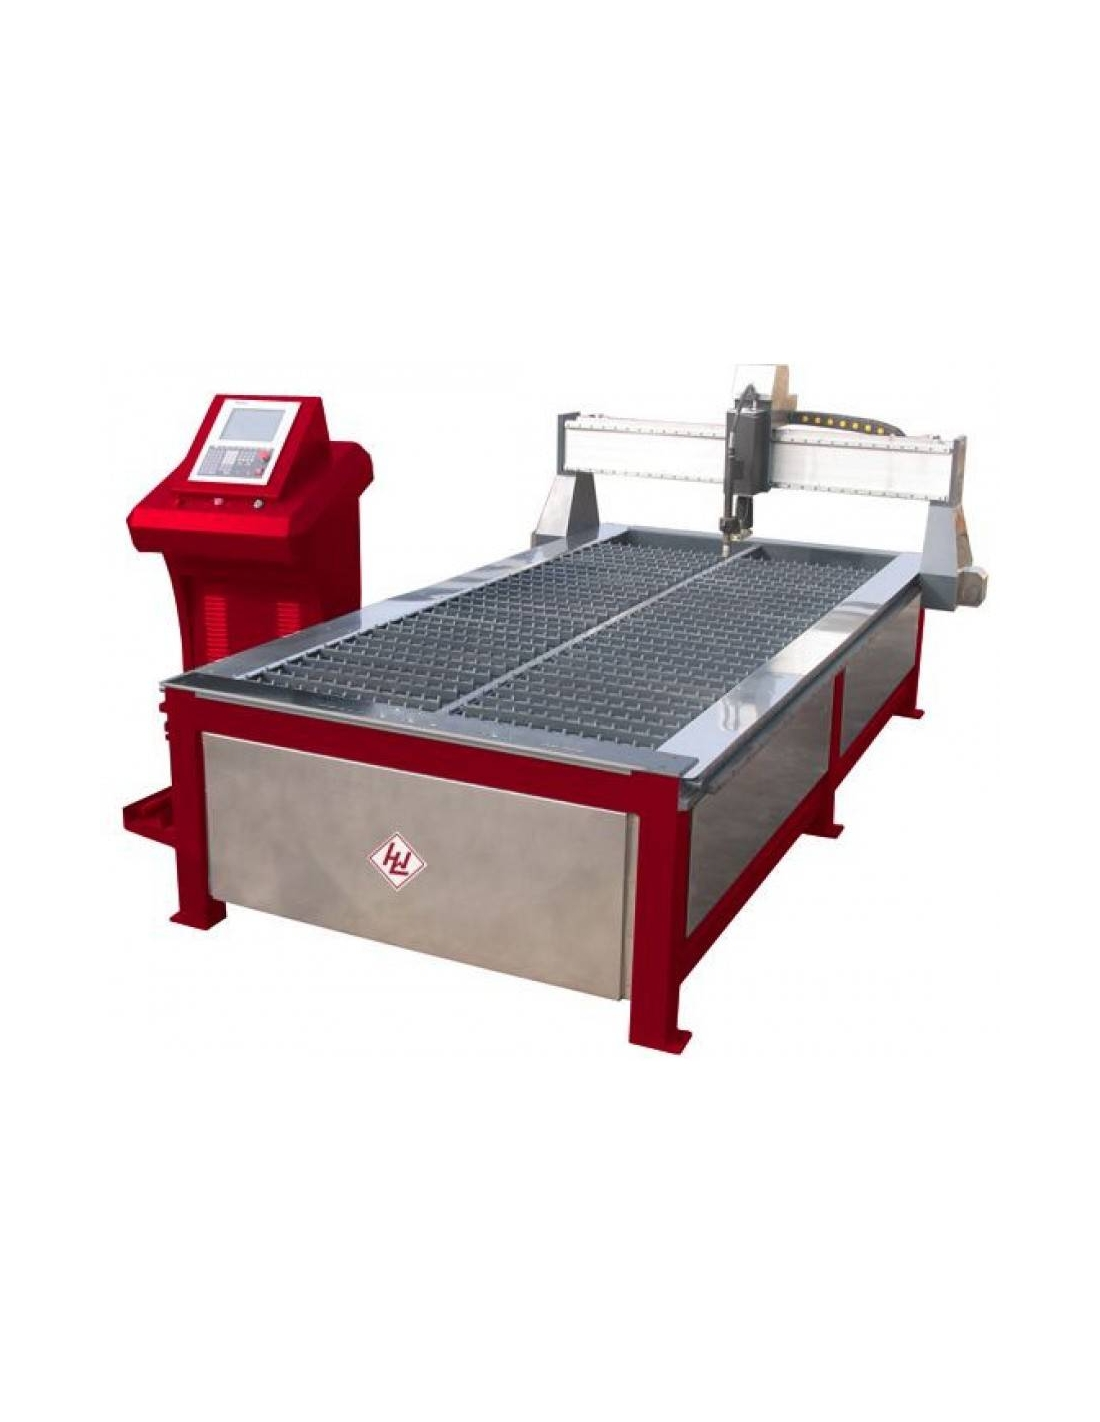 Masina CNC de taiat cu plasma Winter Industrial 1530